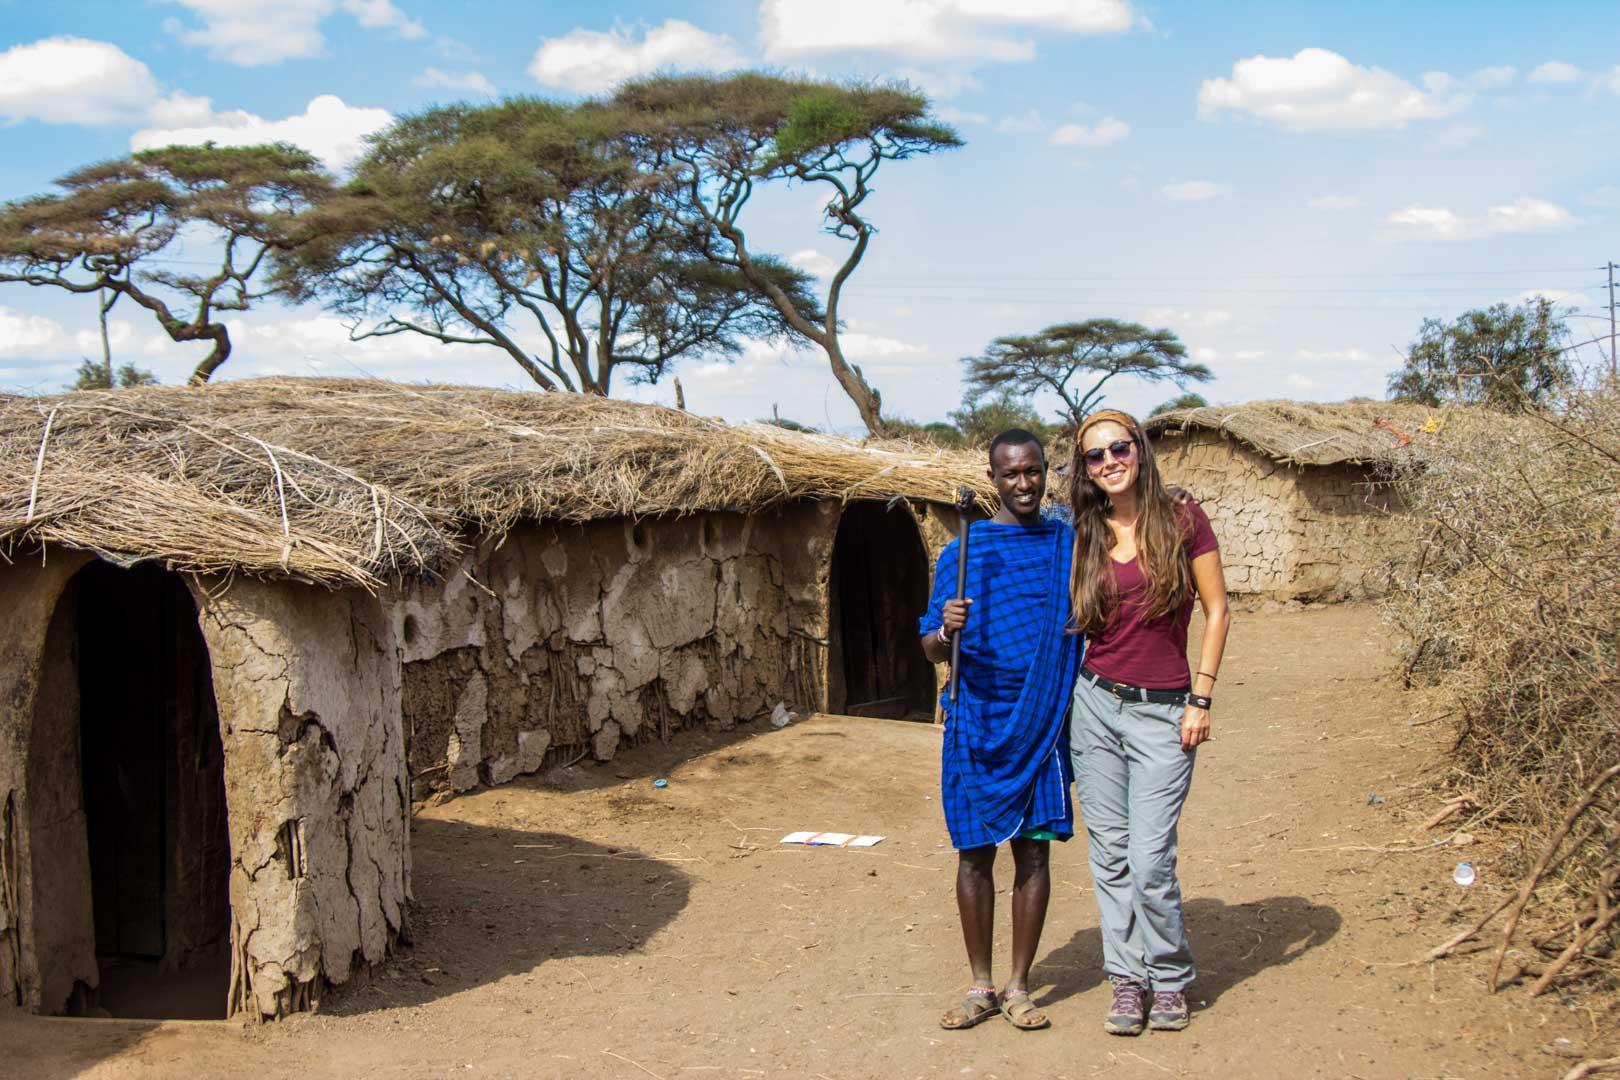 Visitamos las casas de una tribu Masai en Kenia